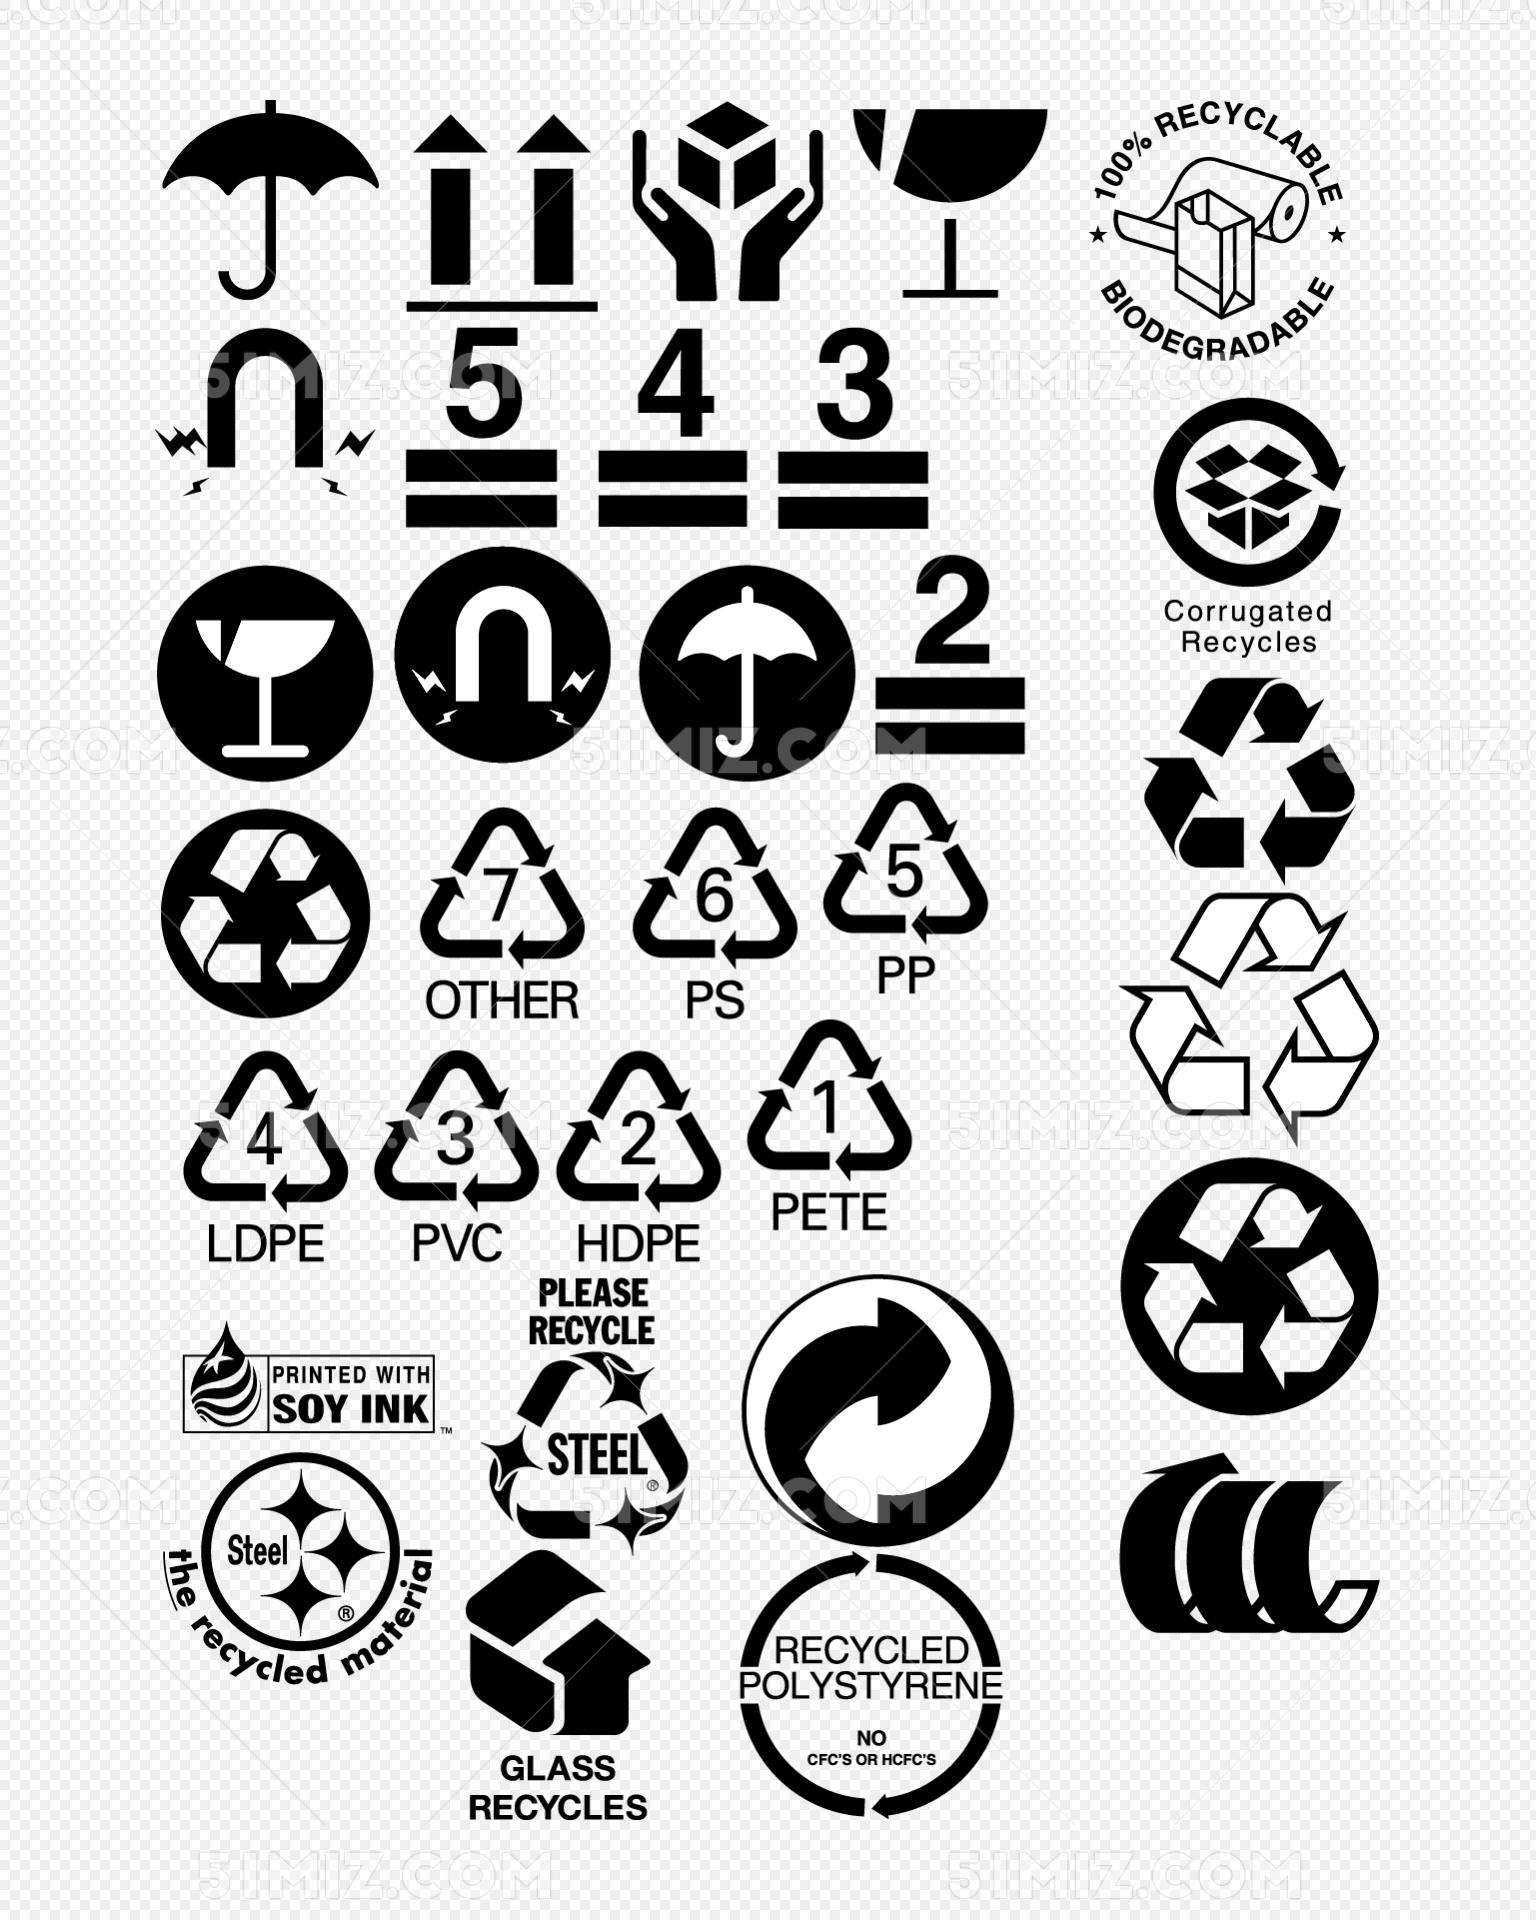 纸箱环保标志